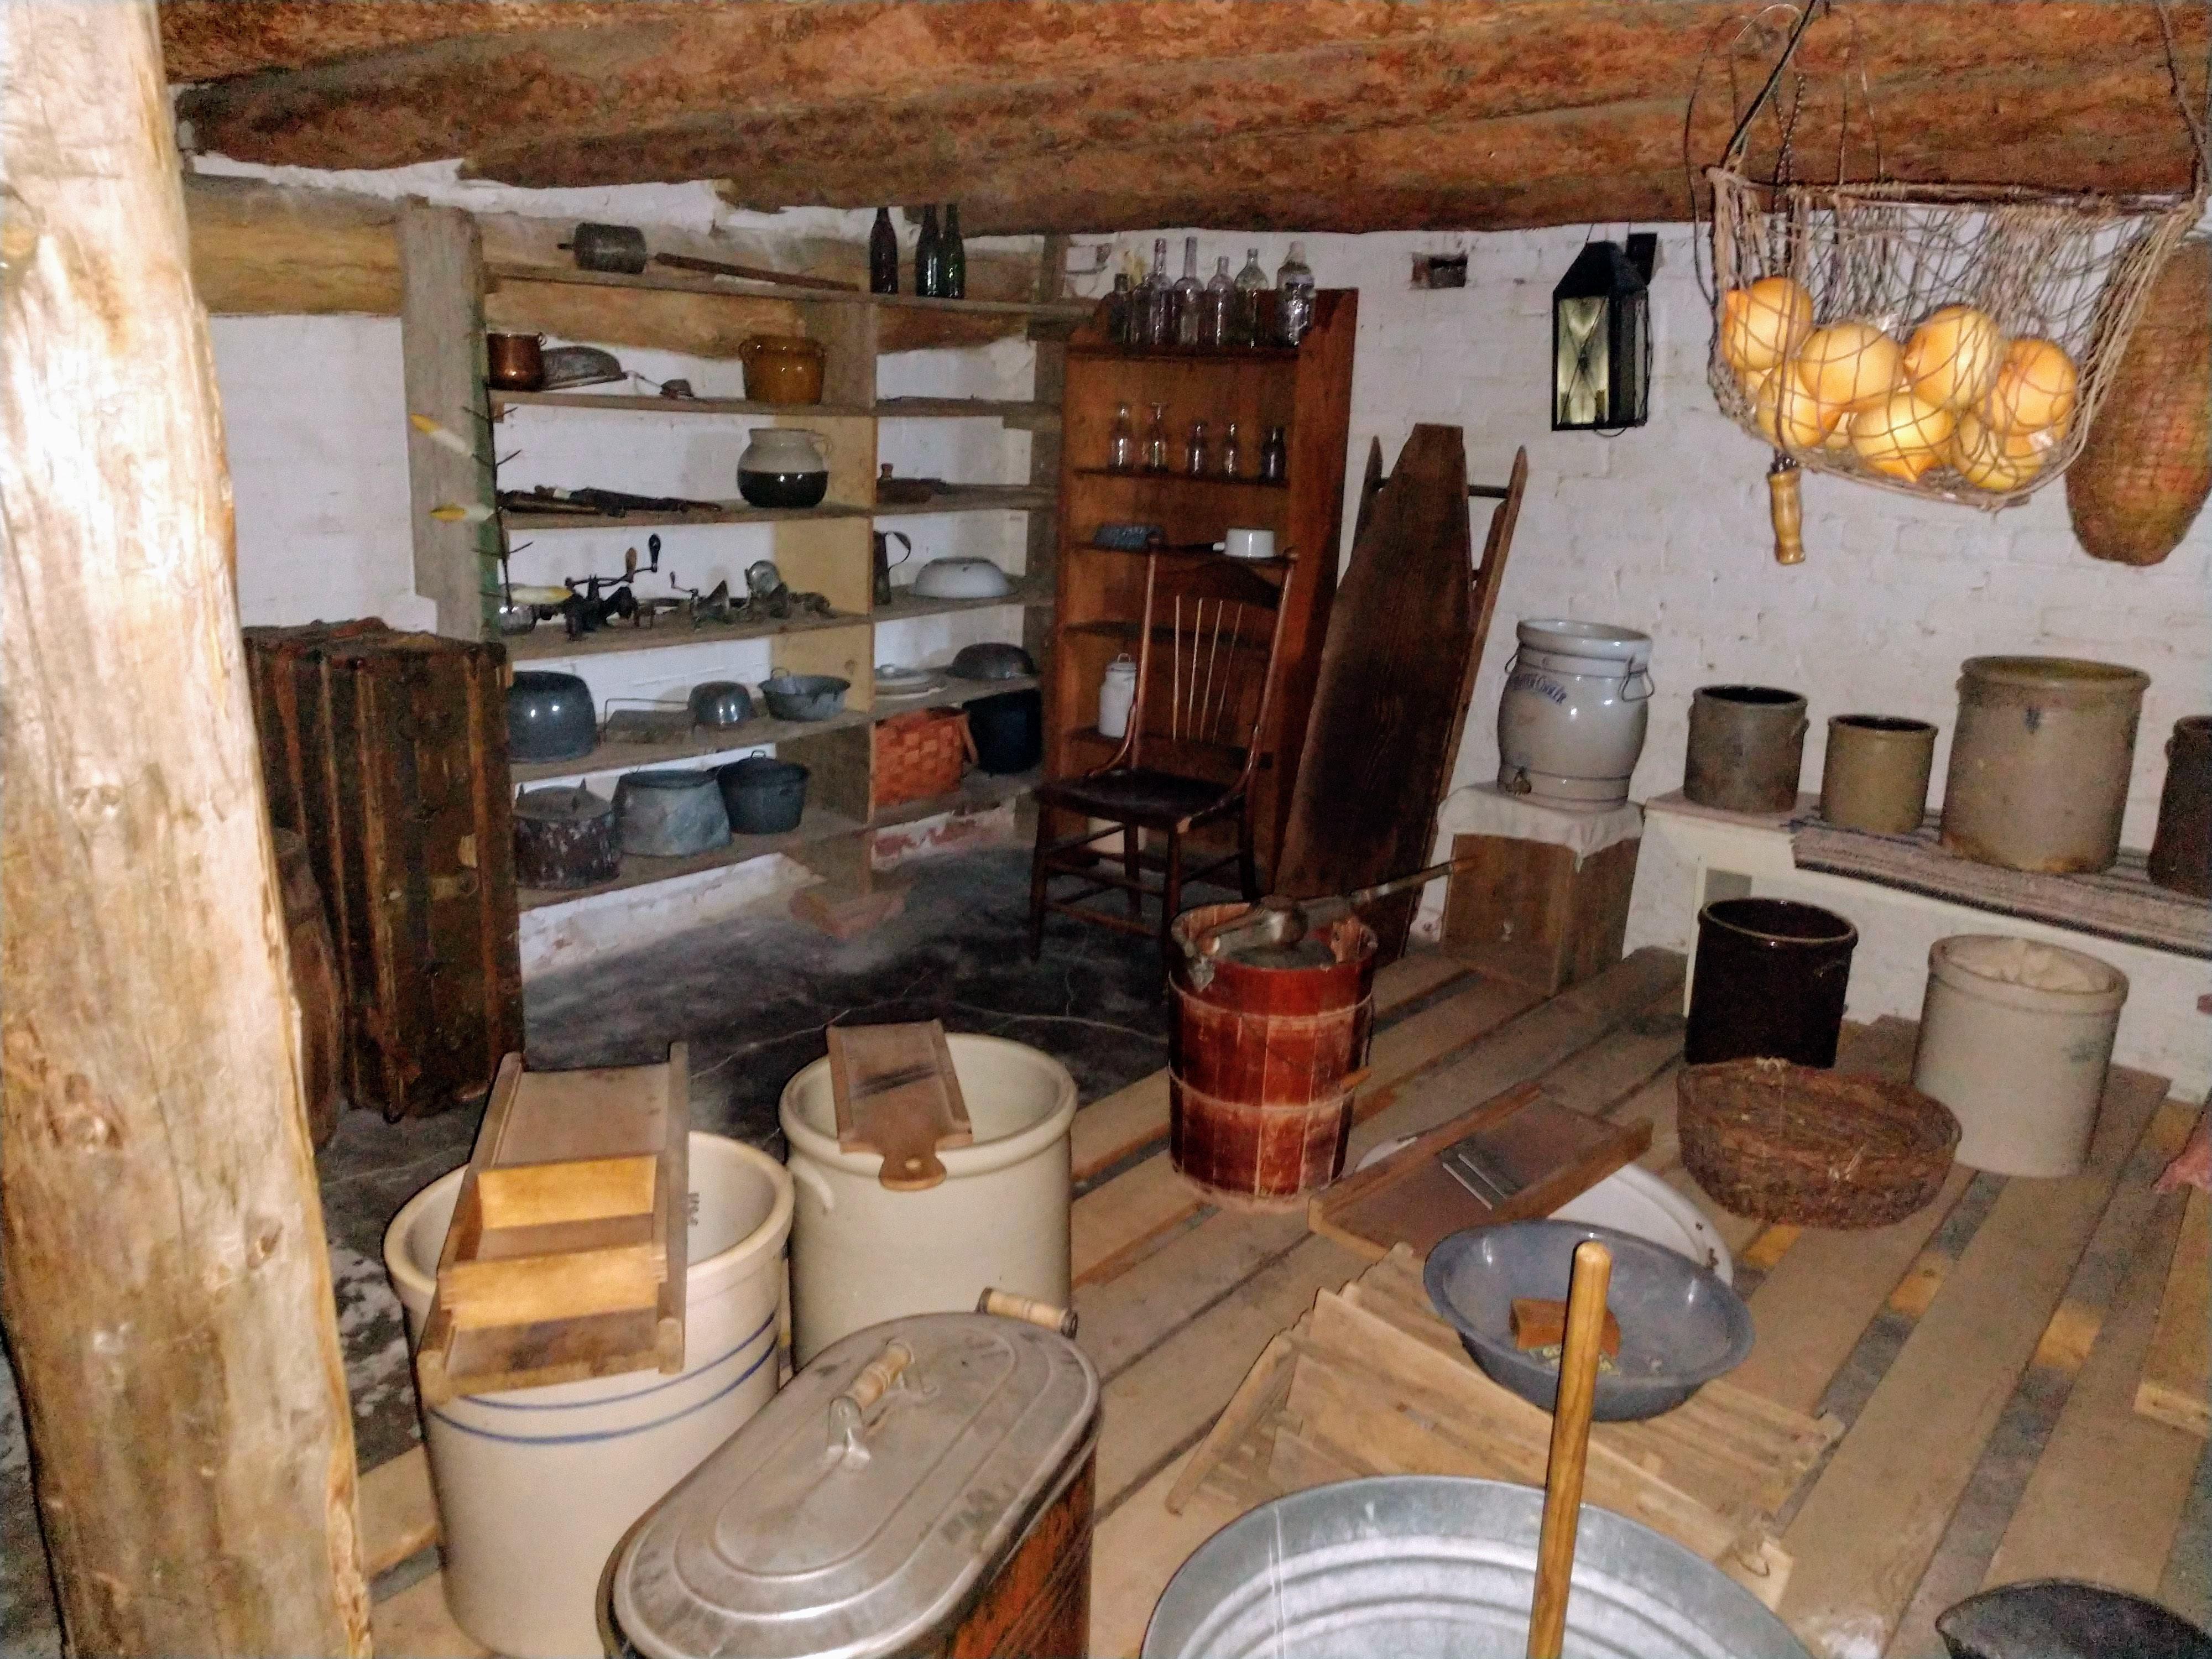 The cellar.